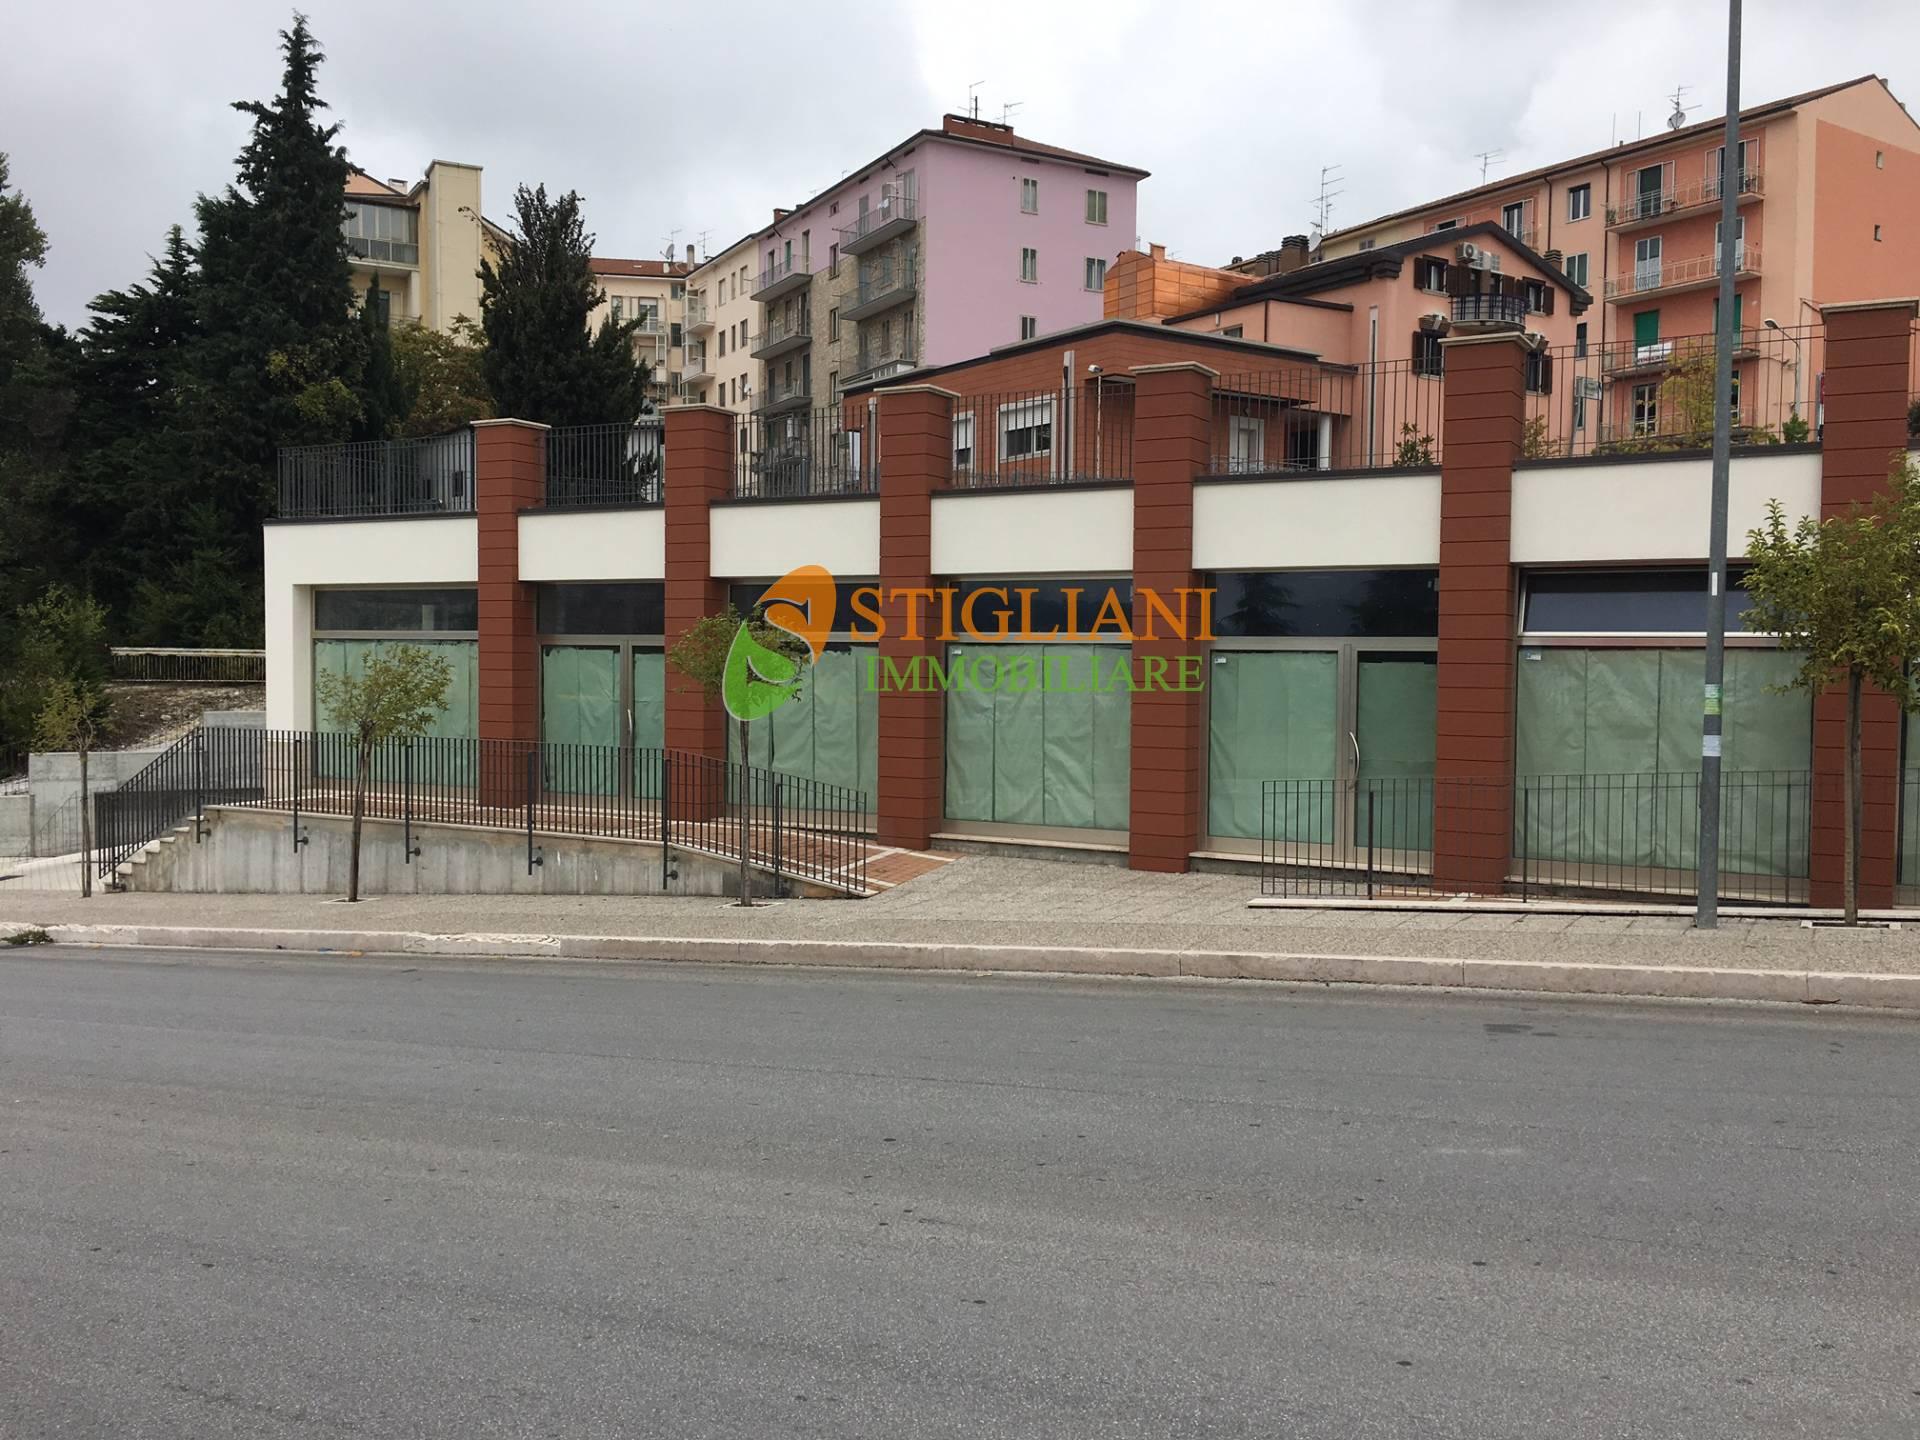 Negozio / Locale in affitto a Campobasso, 9999 locali, zona Zona: Semicentro, prezzo € 1.500 | CambioCasa.it